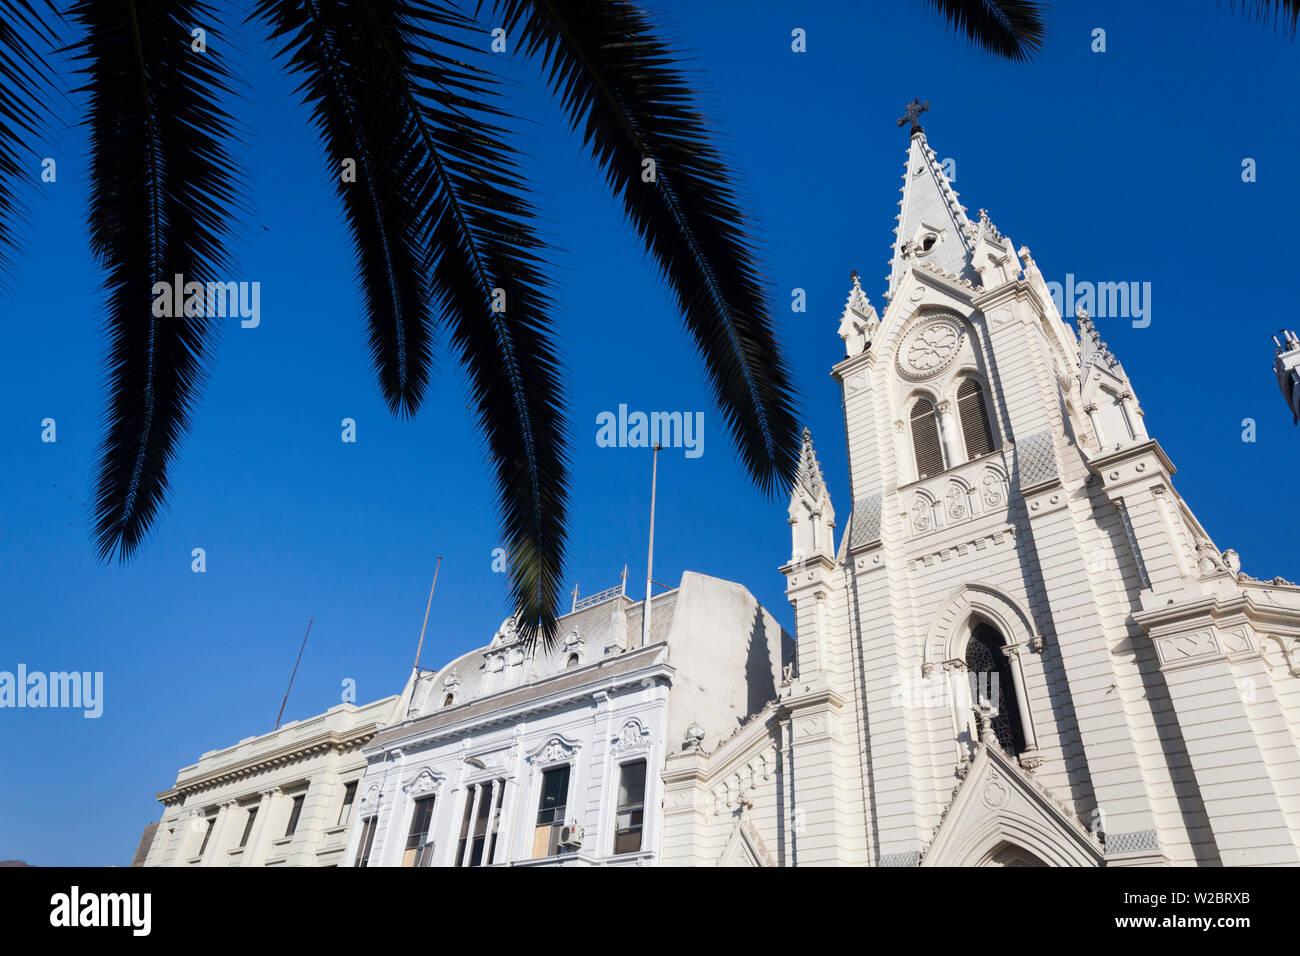 Il Cile, Antofagasta, Plaza Colon, Iglesia Catedral San Jose, esterna Immagini Stock